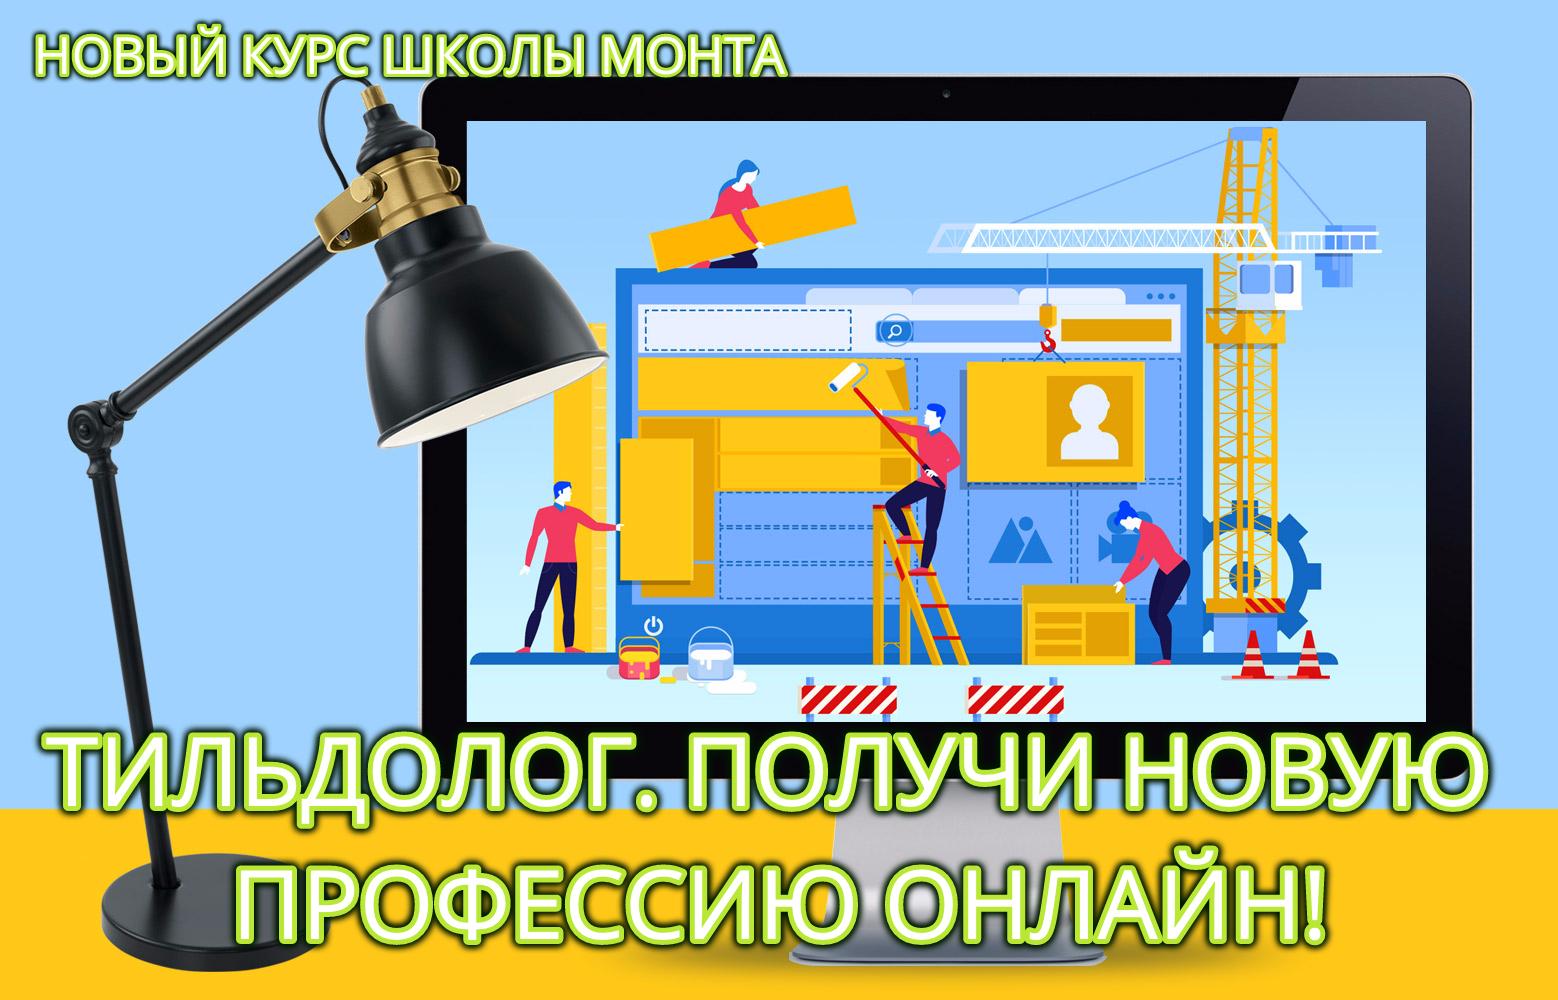 Курс «Интернет-профессия Тильдолог»